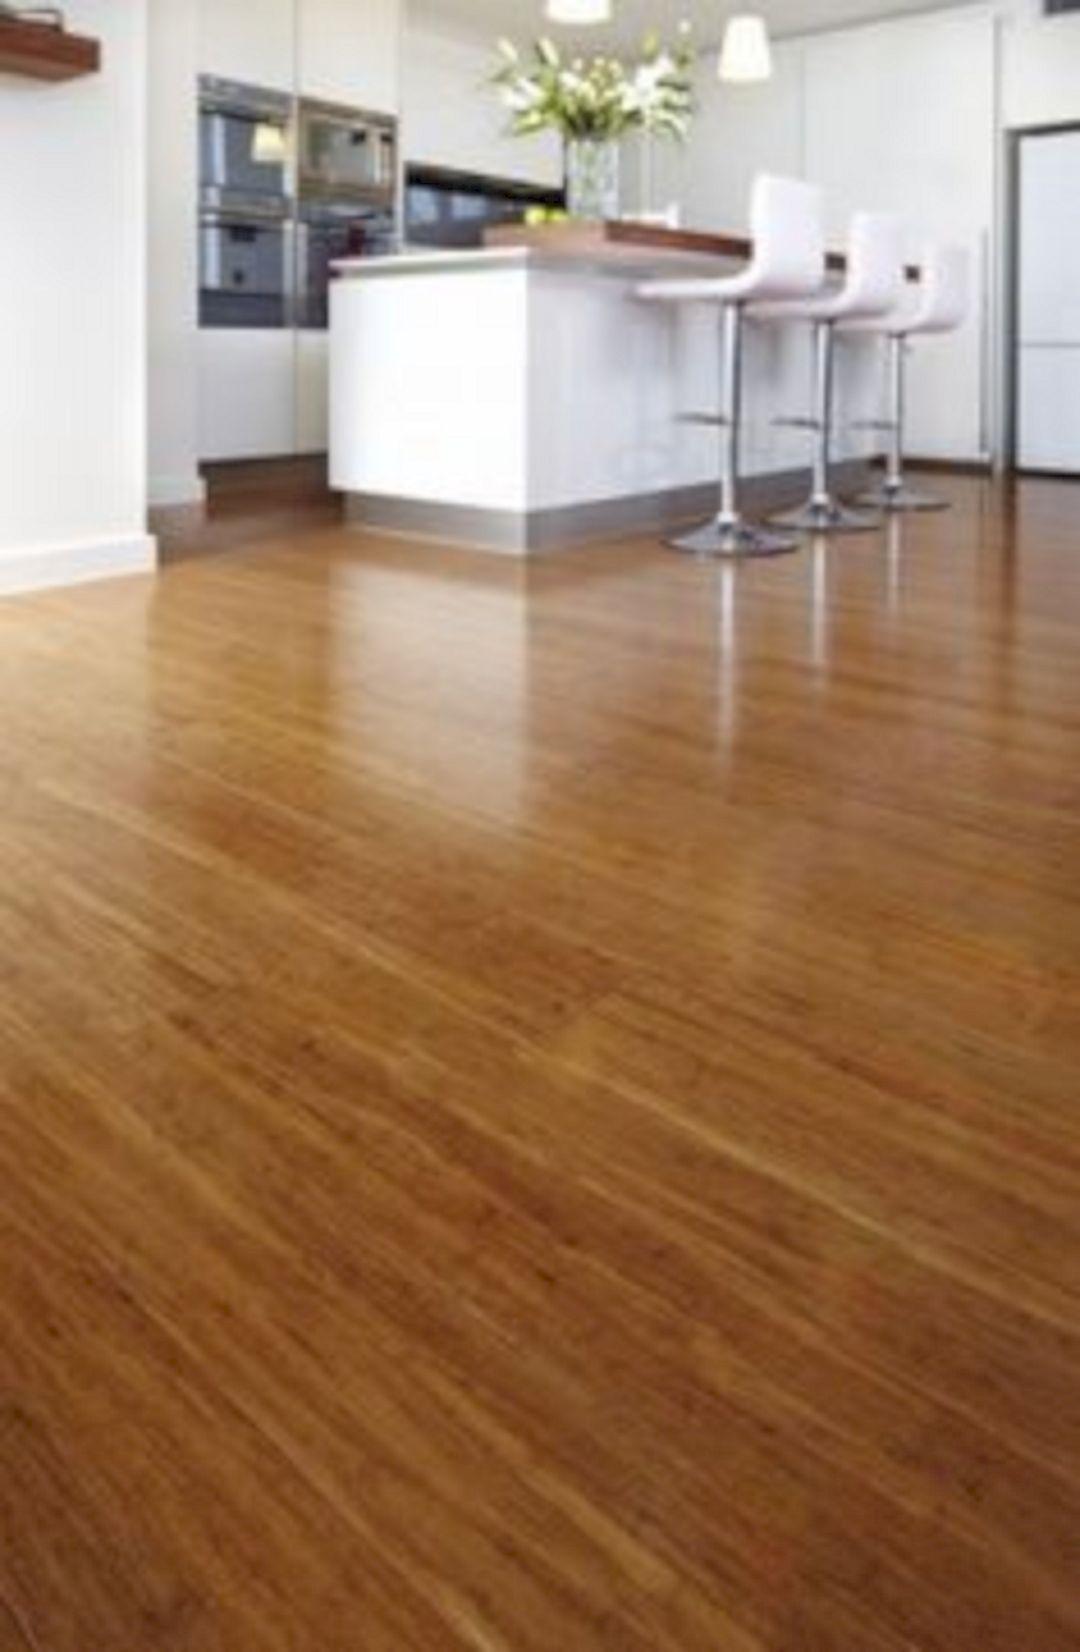 astonishing bamboo floors kitchen ideas on a budget kitchen